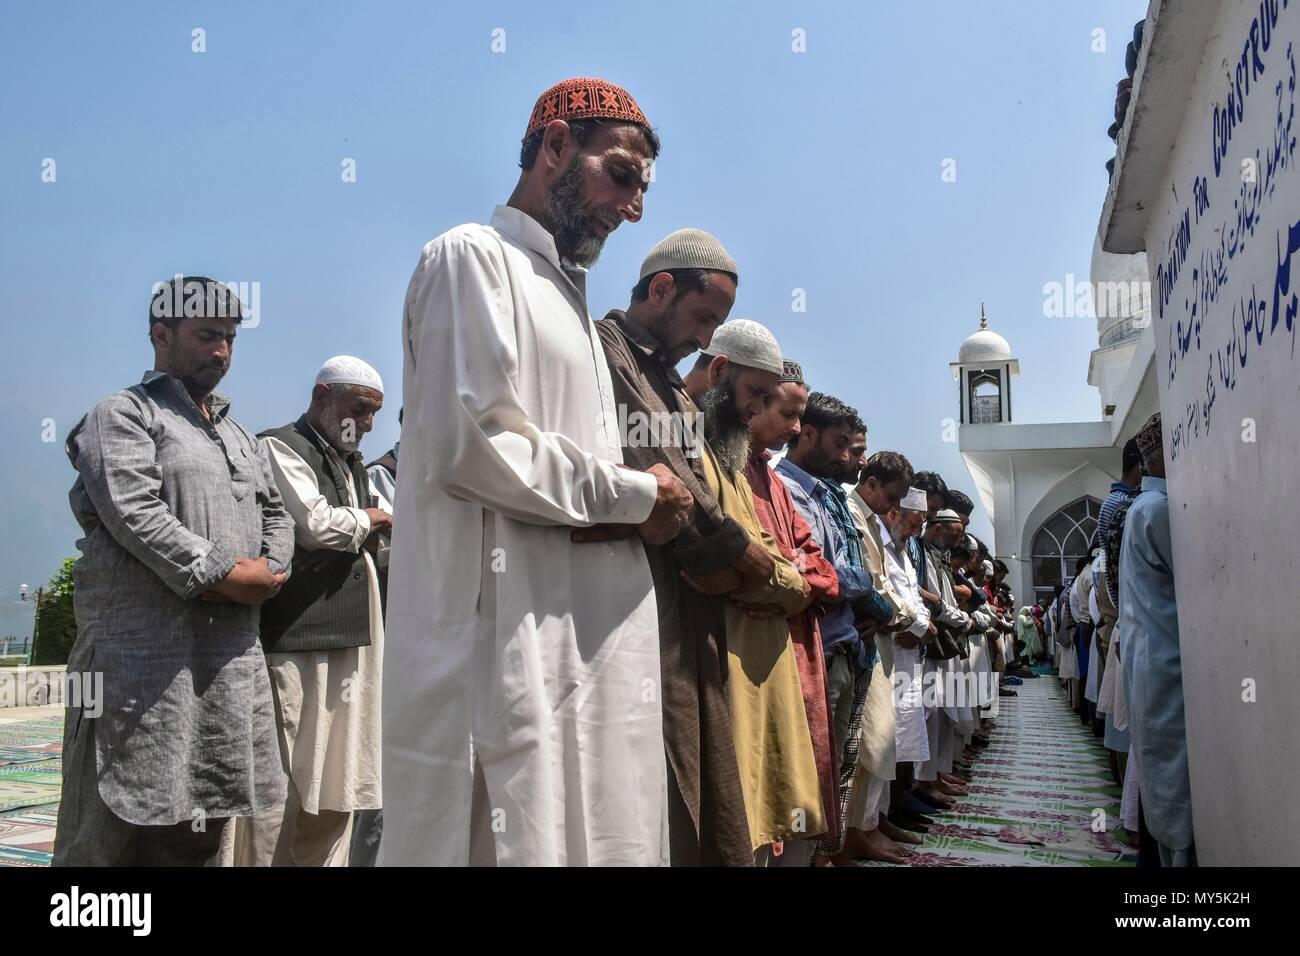 Hazrat Ali Stock Photos & Hazrat Ali Stock Images - Alamy